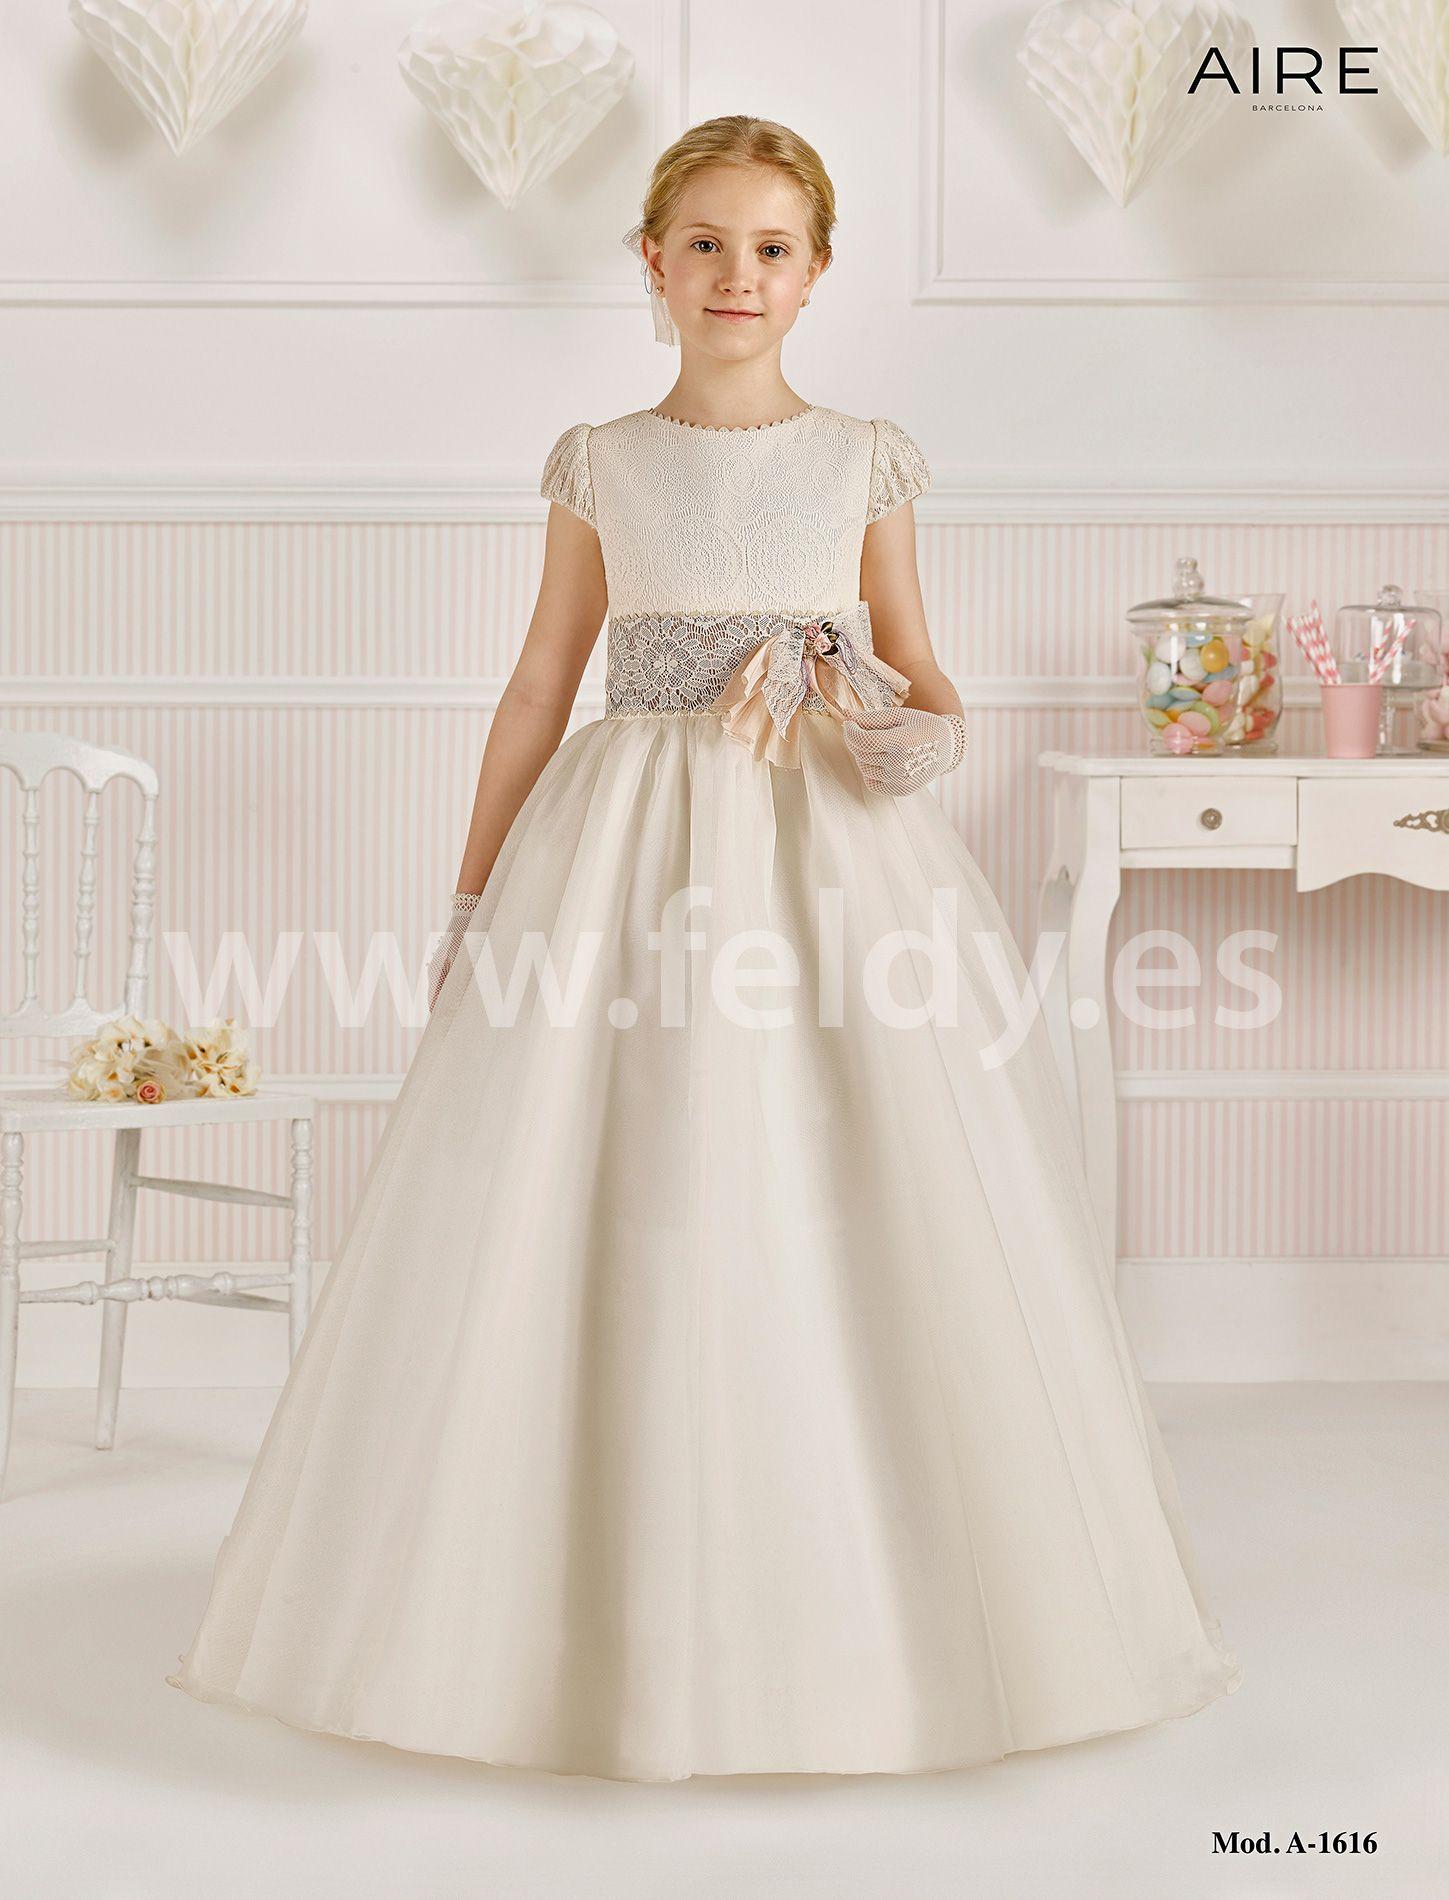 Vestido comunión niña Aire Barcelona 2016 modelo A1616. Vestido de comunión con falda lisa de organza. Precioso cuerpo de encaje con cuello haciendo onditas